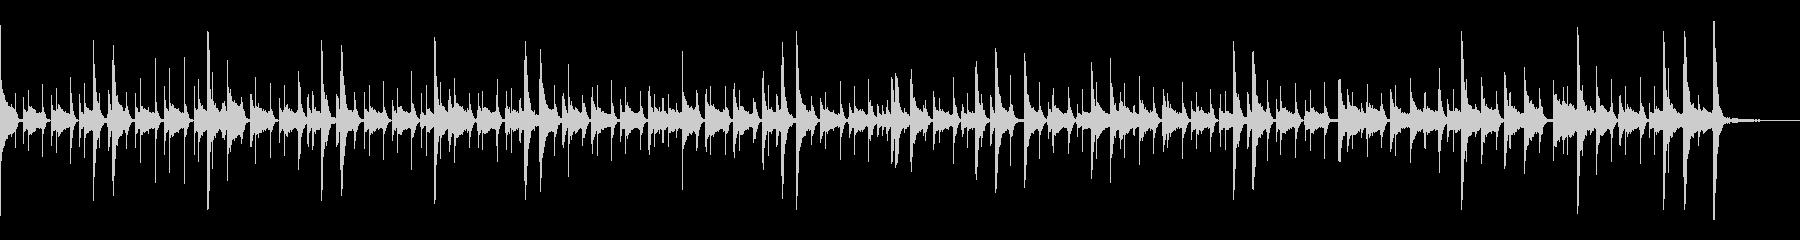 ドラム:ジャズリズム、ハイハット、...の未再生の波形